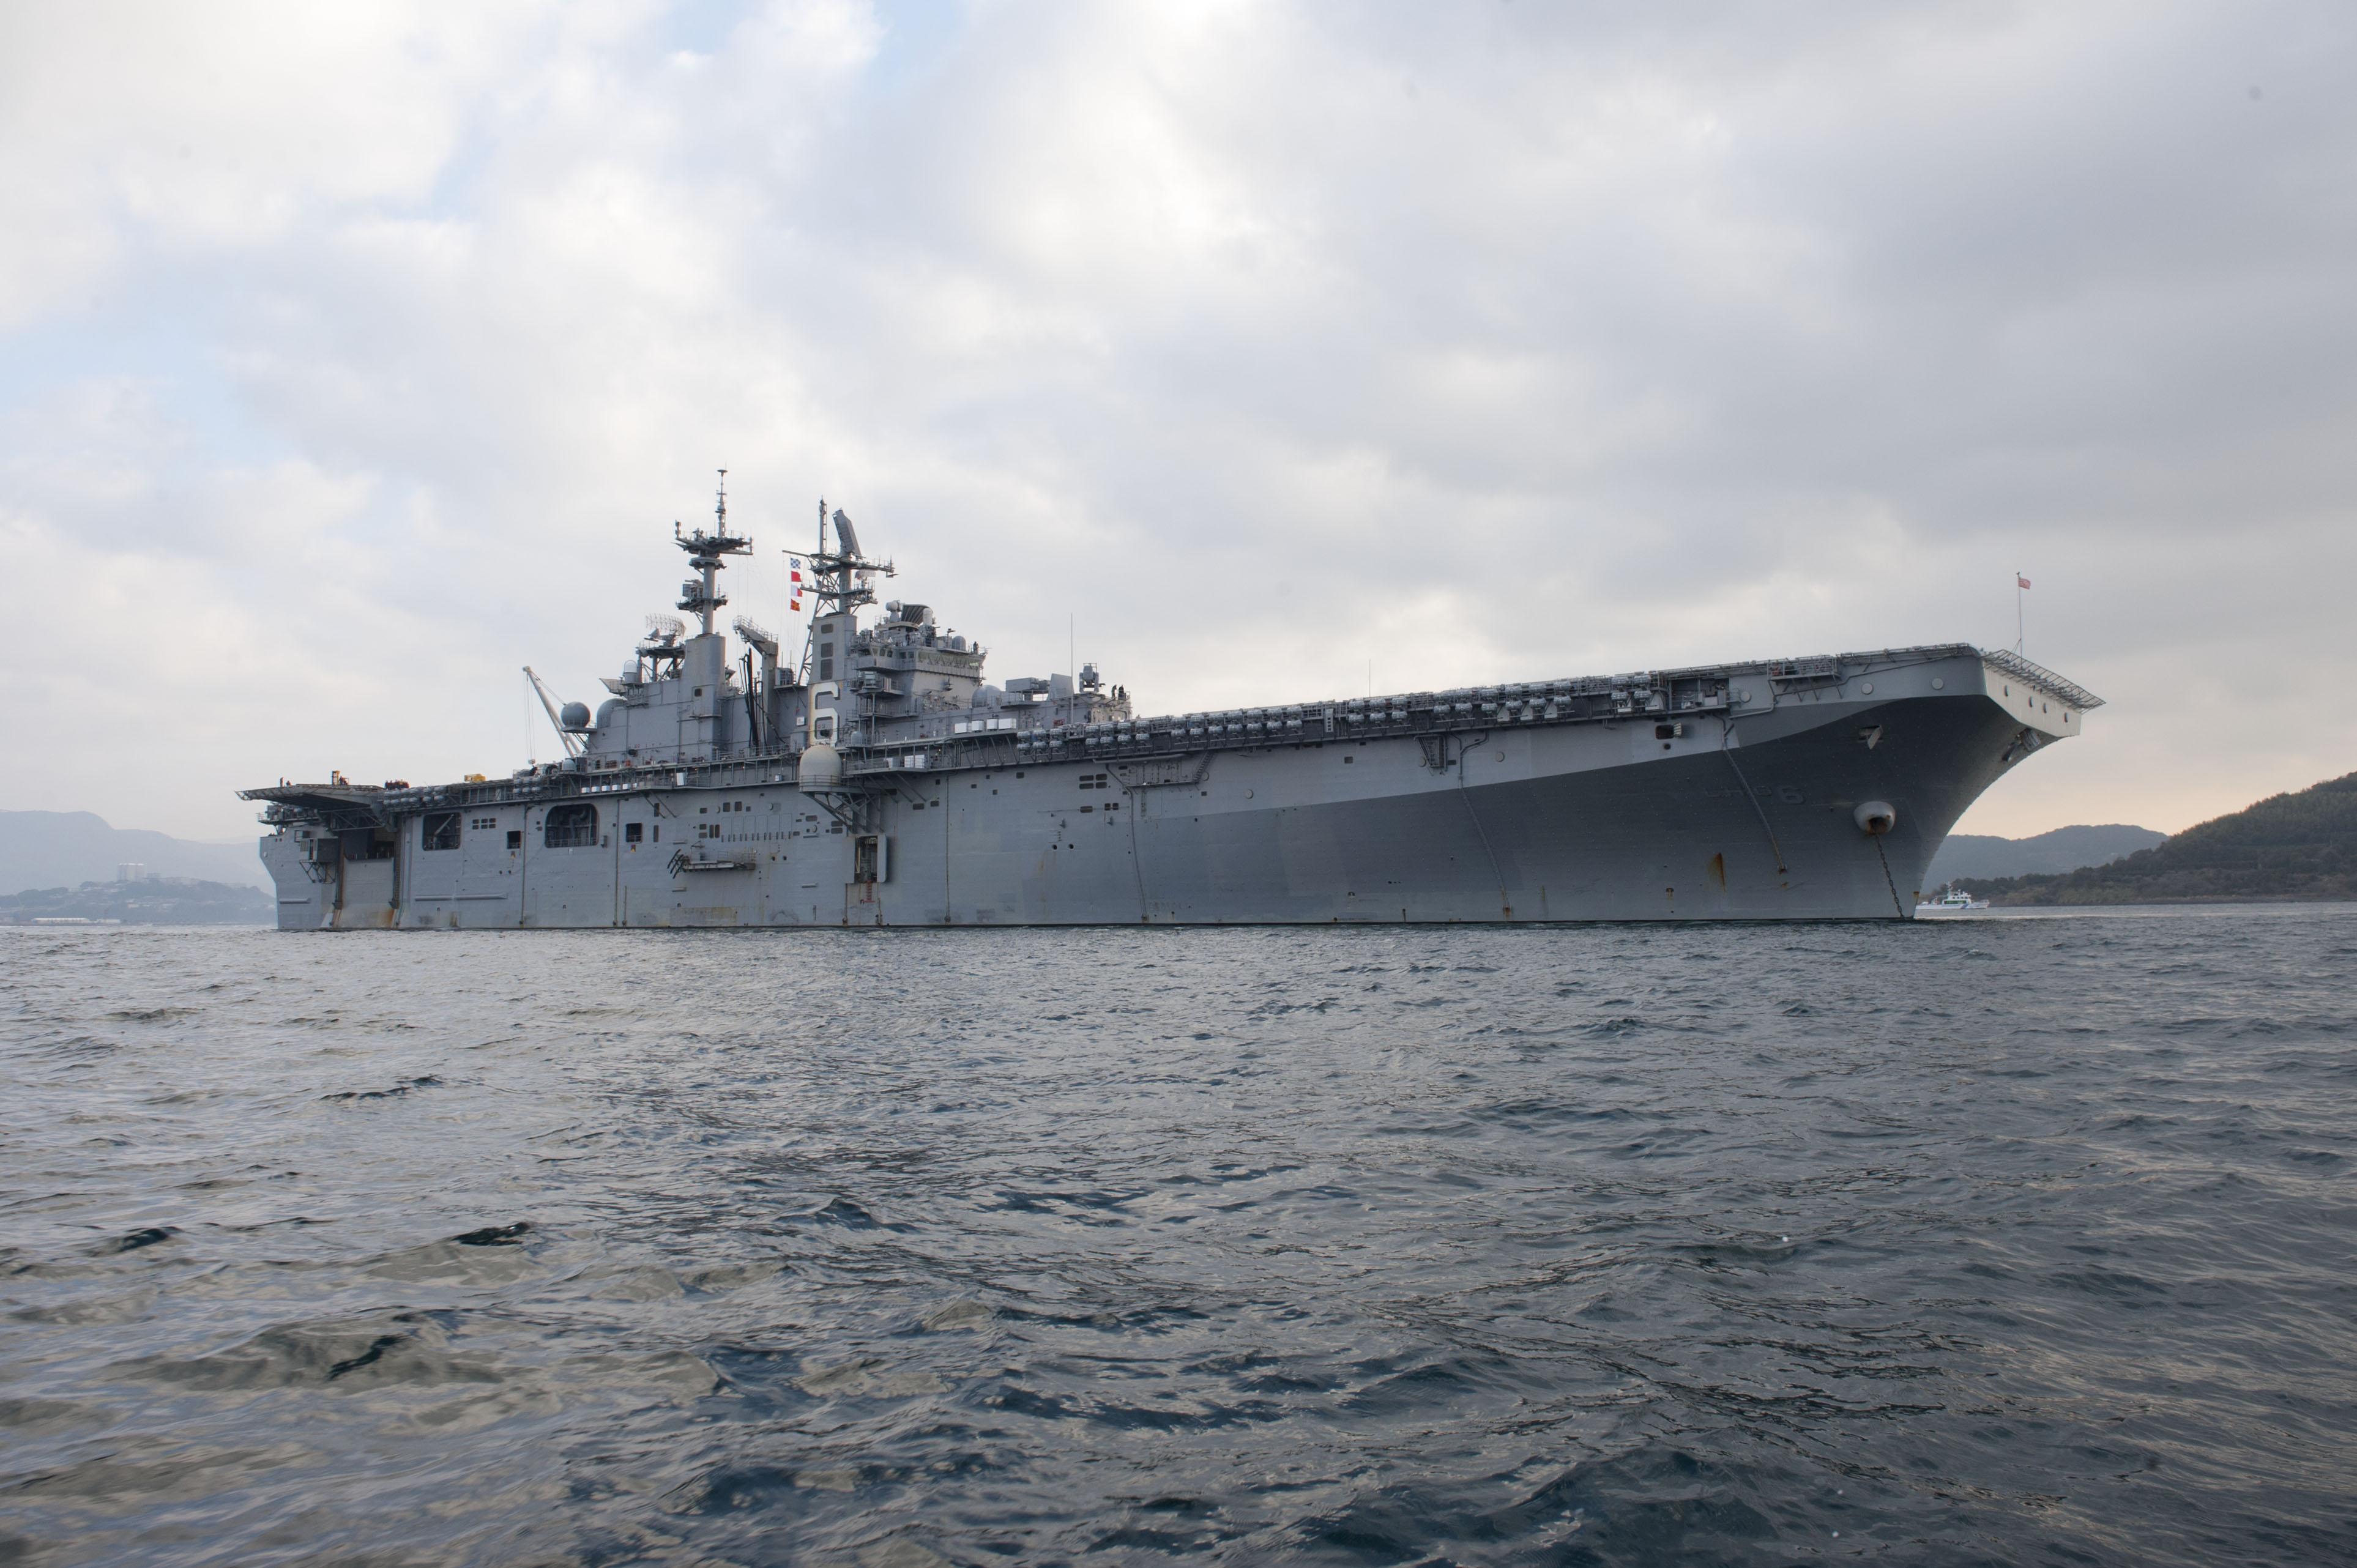 USS BONHOMME RICHARD LHD-6 24.01.2013 Bild: U.S. Navy